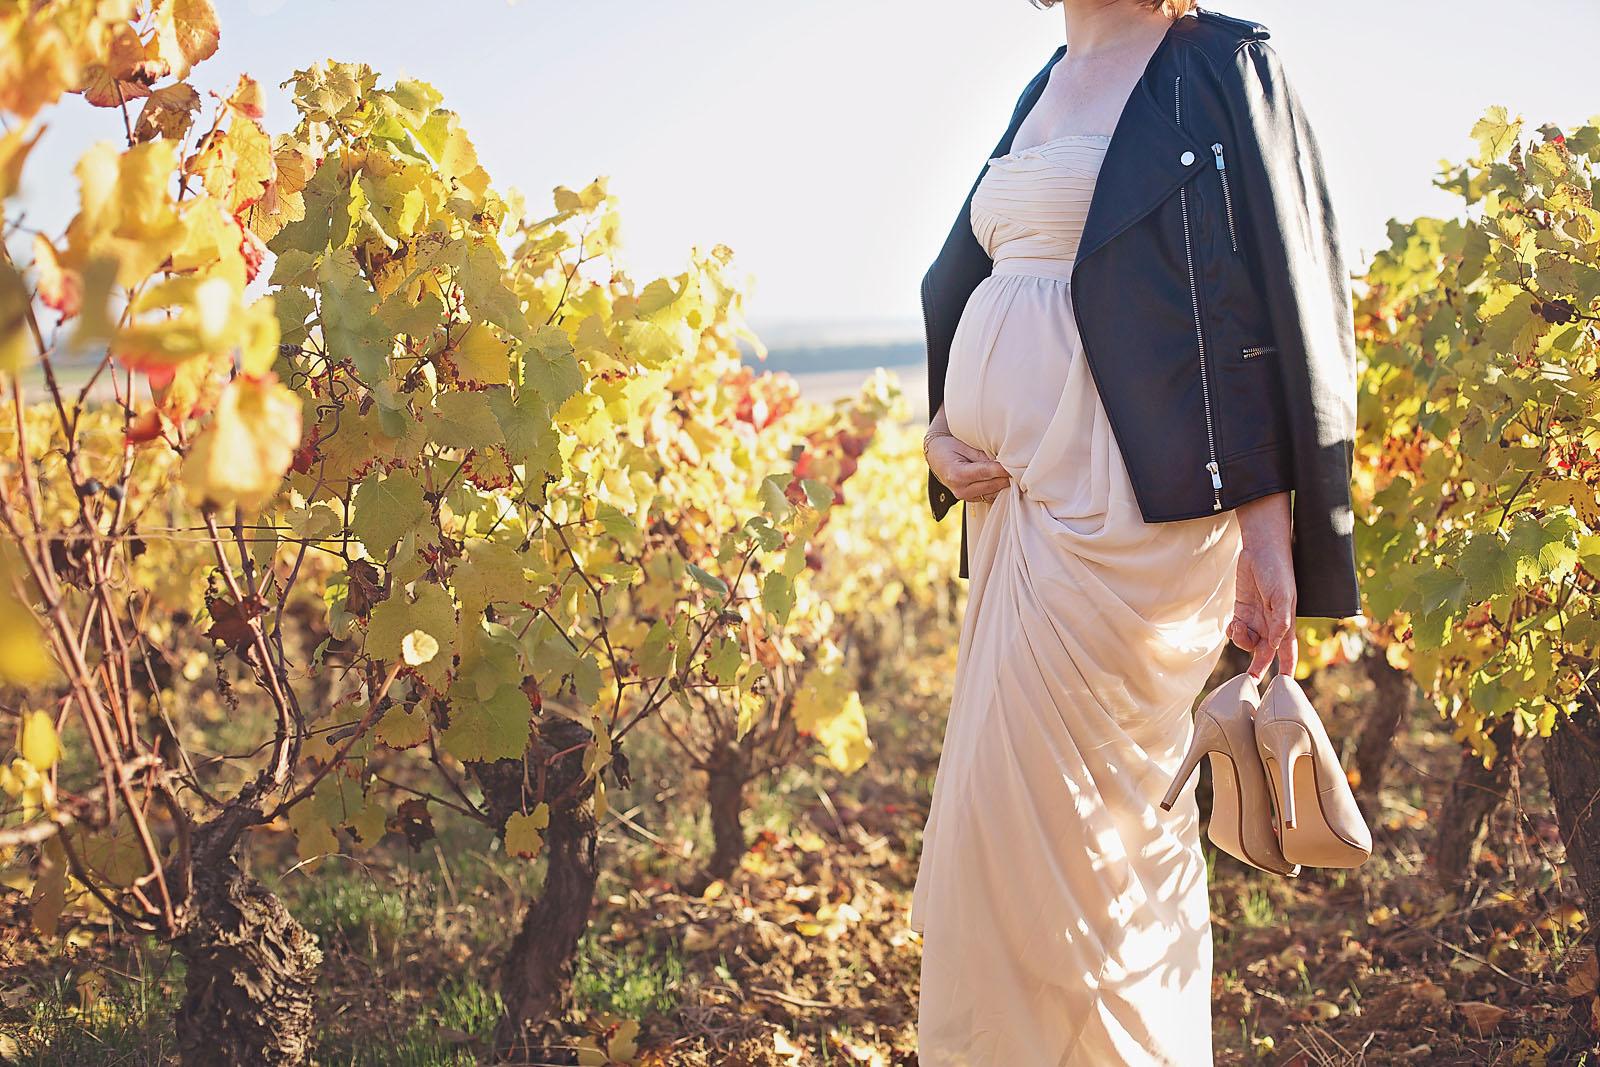 photographe-maternite-bourges-femme-enceinte-grossesse-haute-couture-sur-mesure-paris